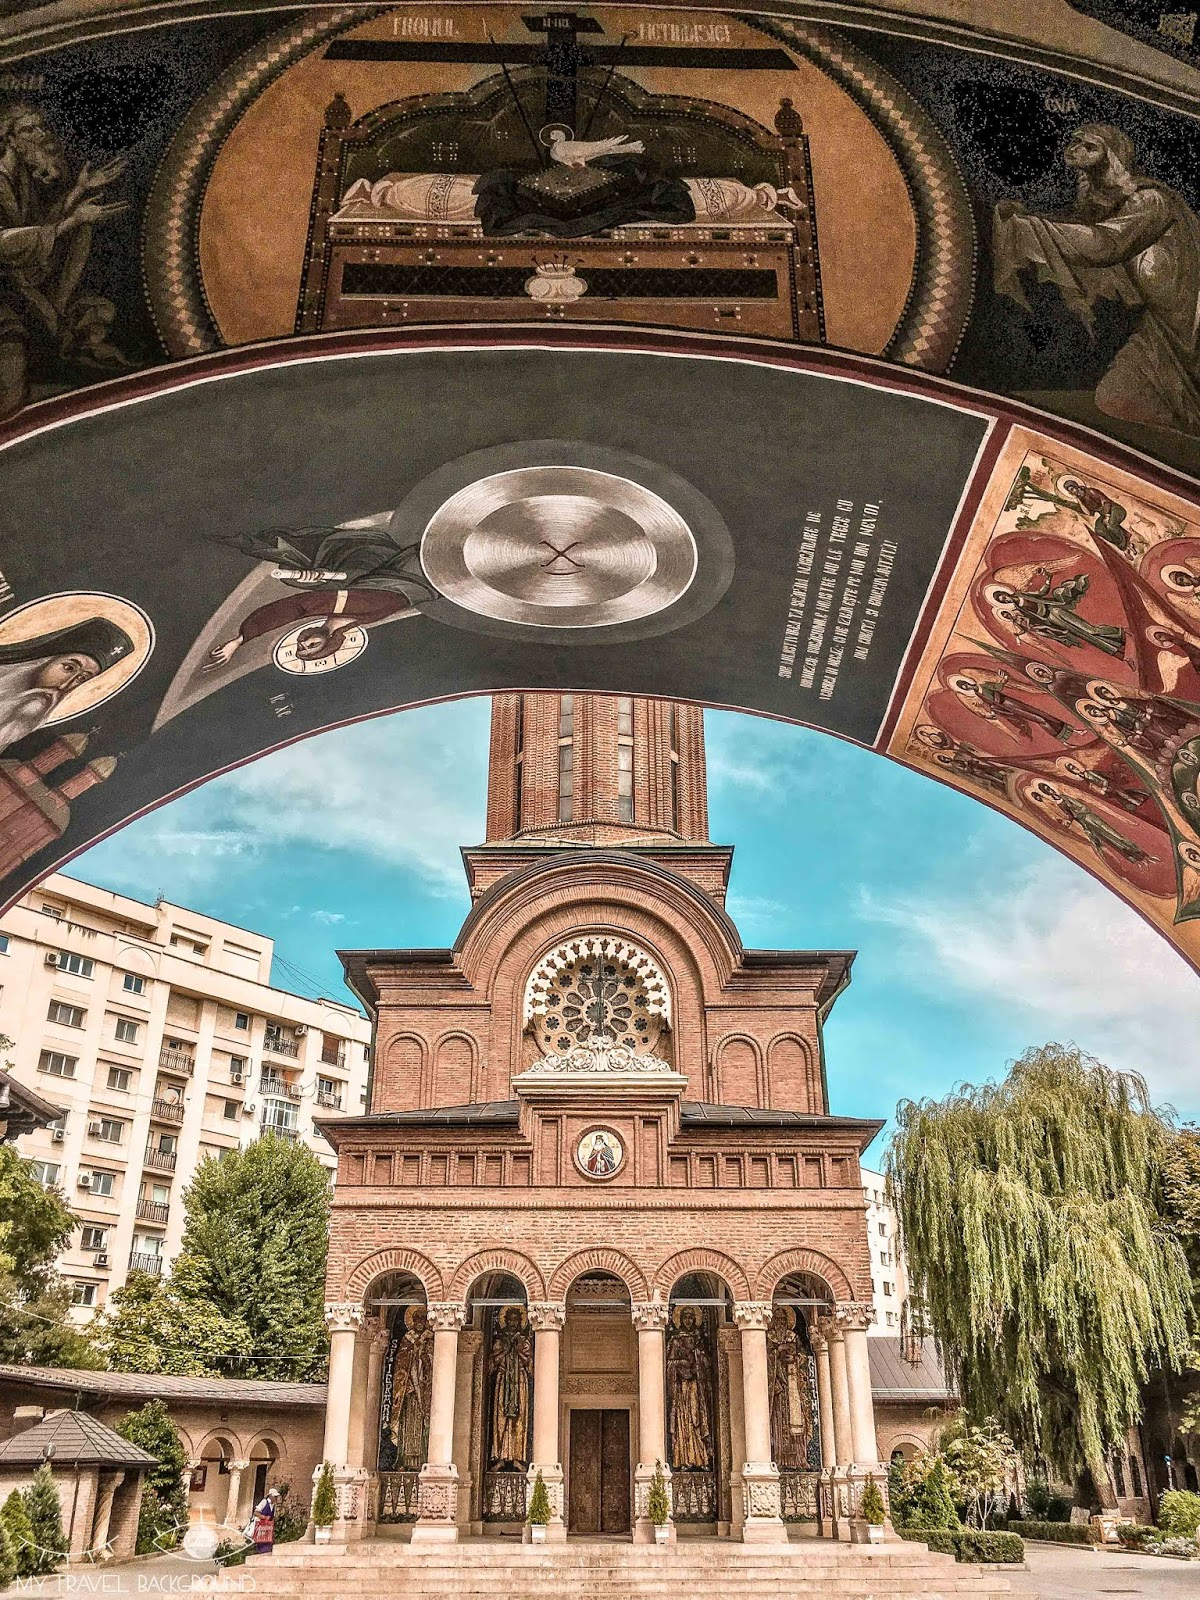 My Travel Background : 3 jours à Bucarest en Roumanie - Monastère d'Antim